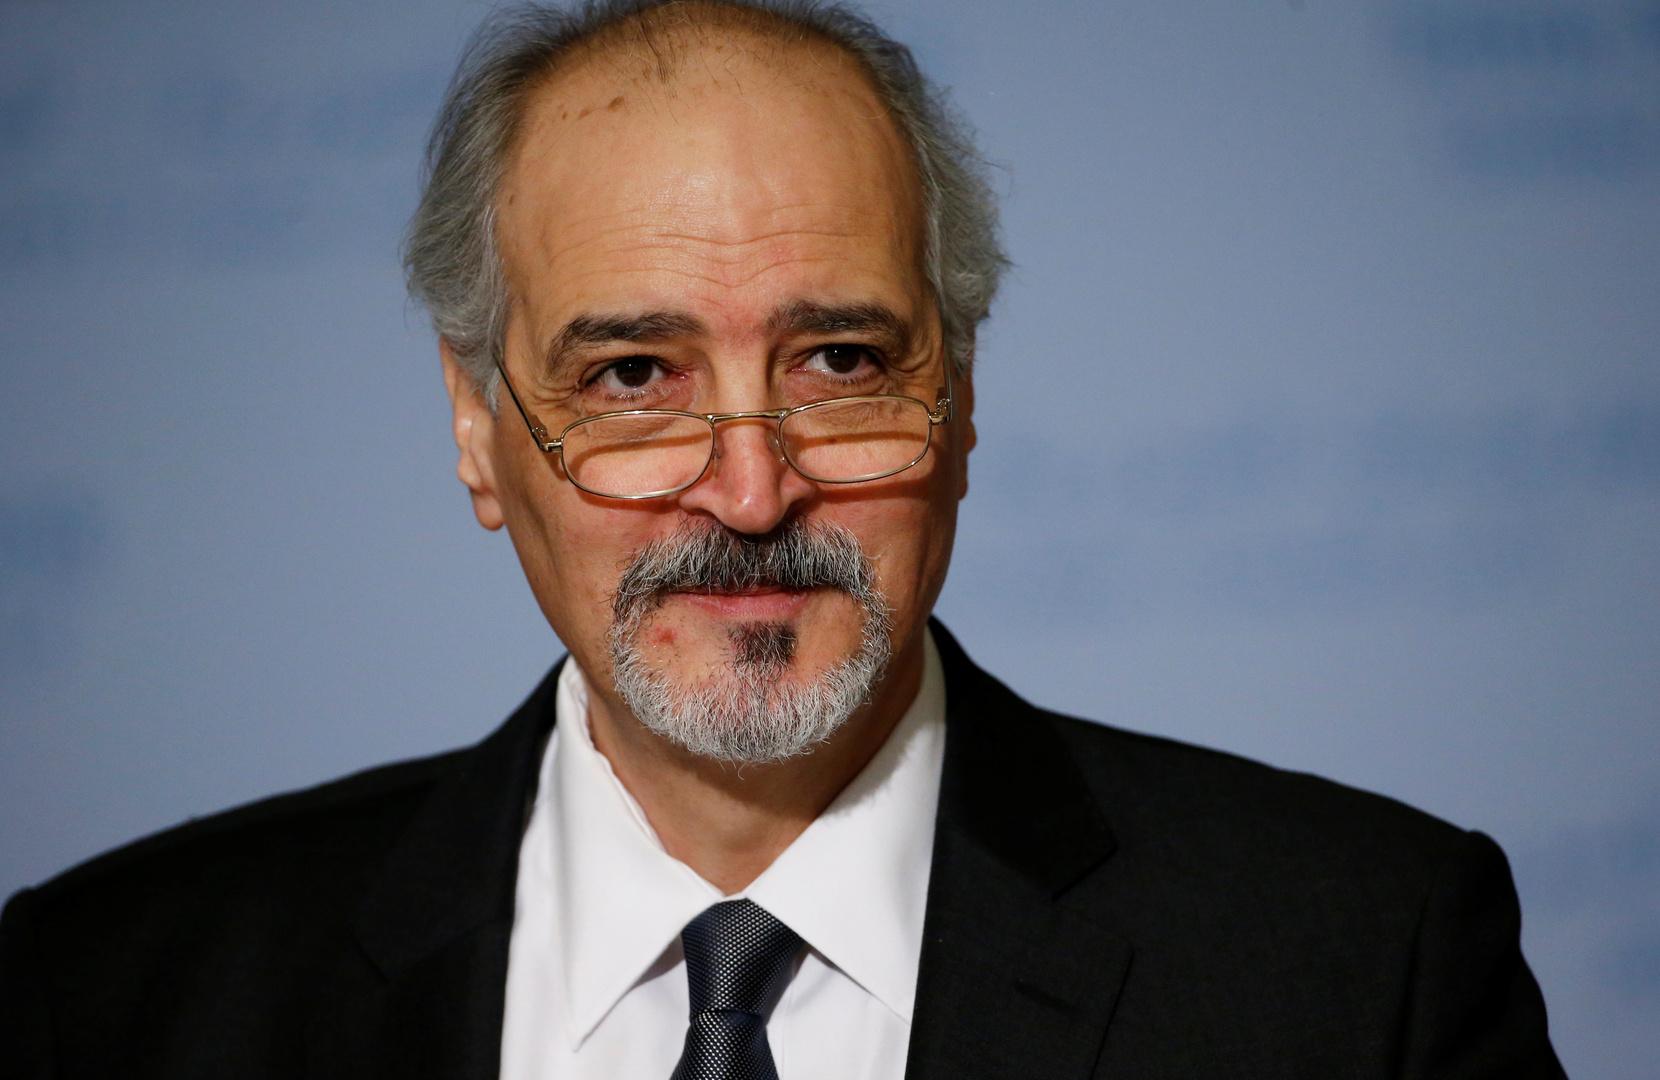 الجعفري: نأسف لجعل منظمة حظر الأسلحة الكيميائية أداة بيد دول معادية لسوريا